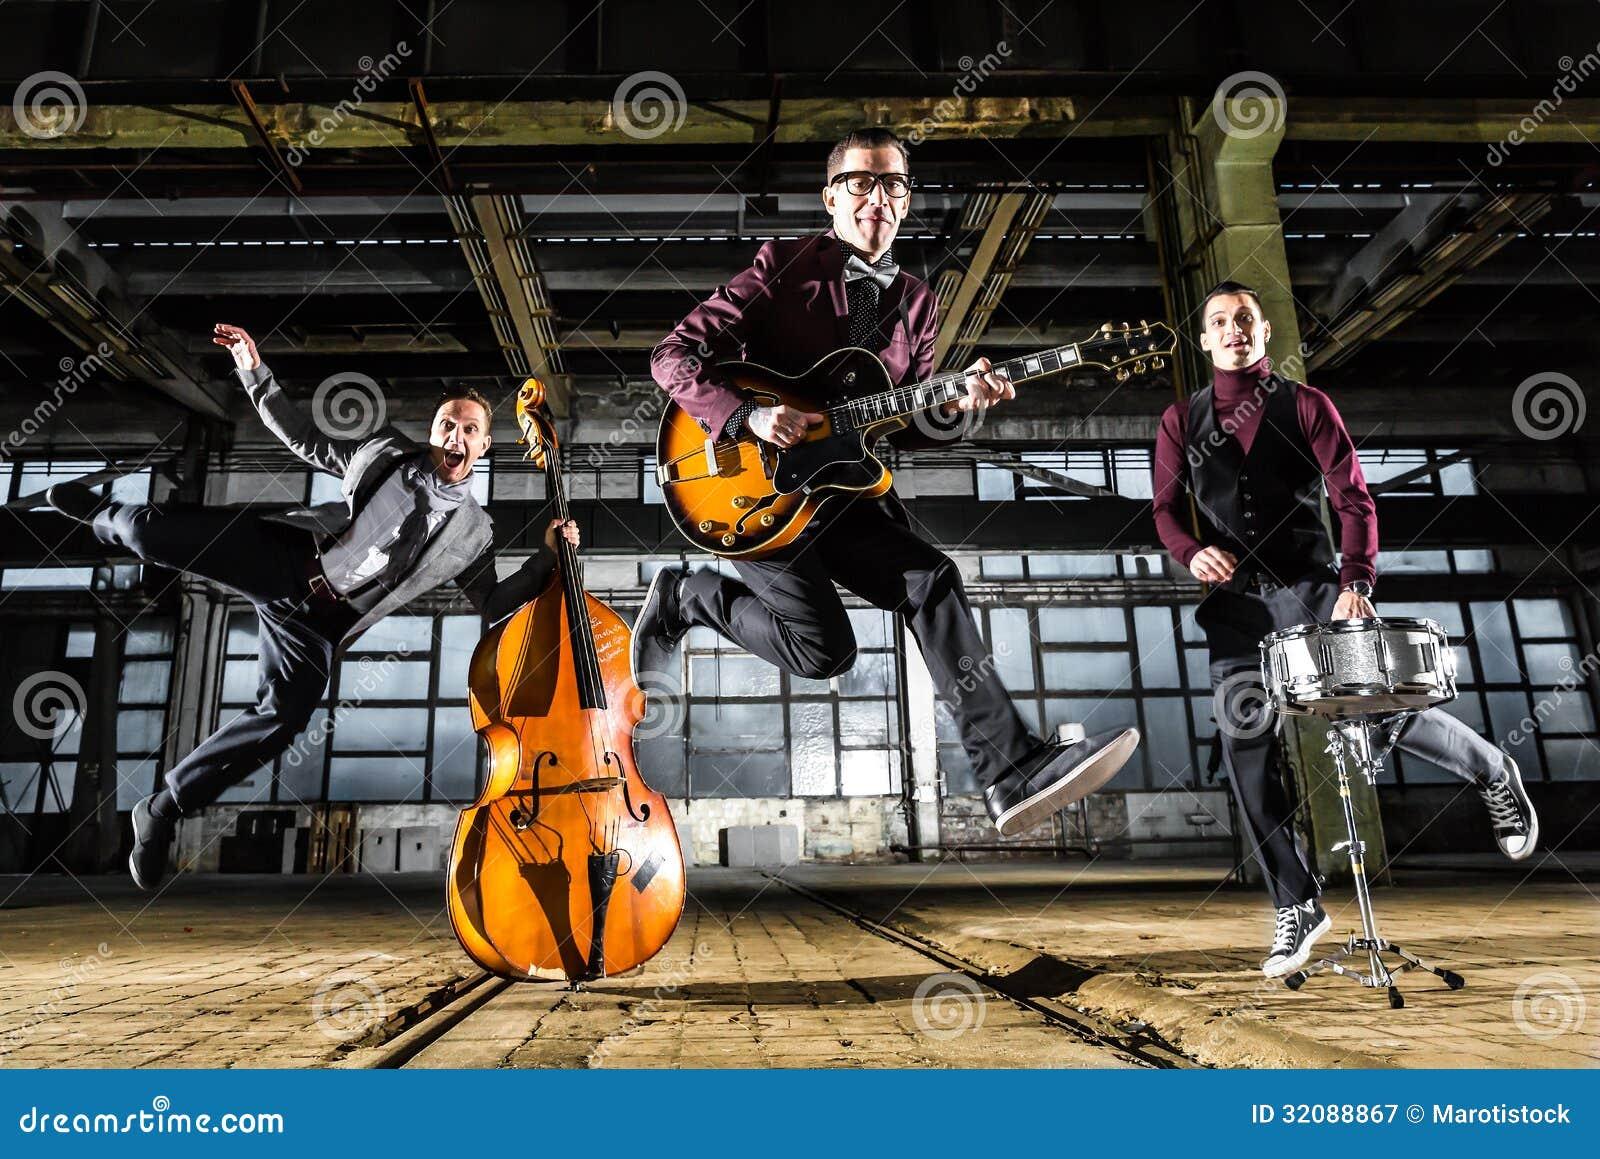 摇滚乐队跳进在一排工厂厂房的空气